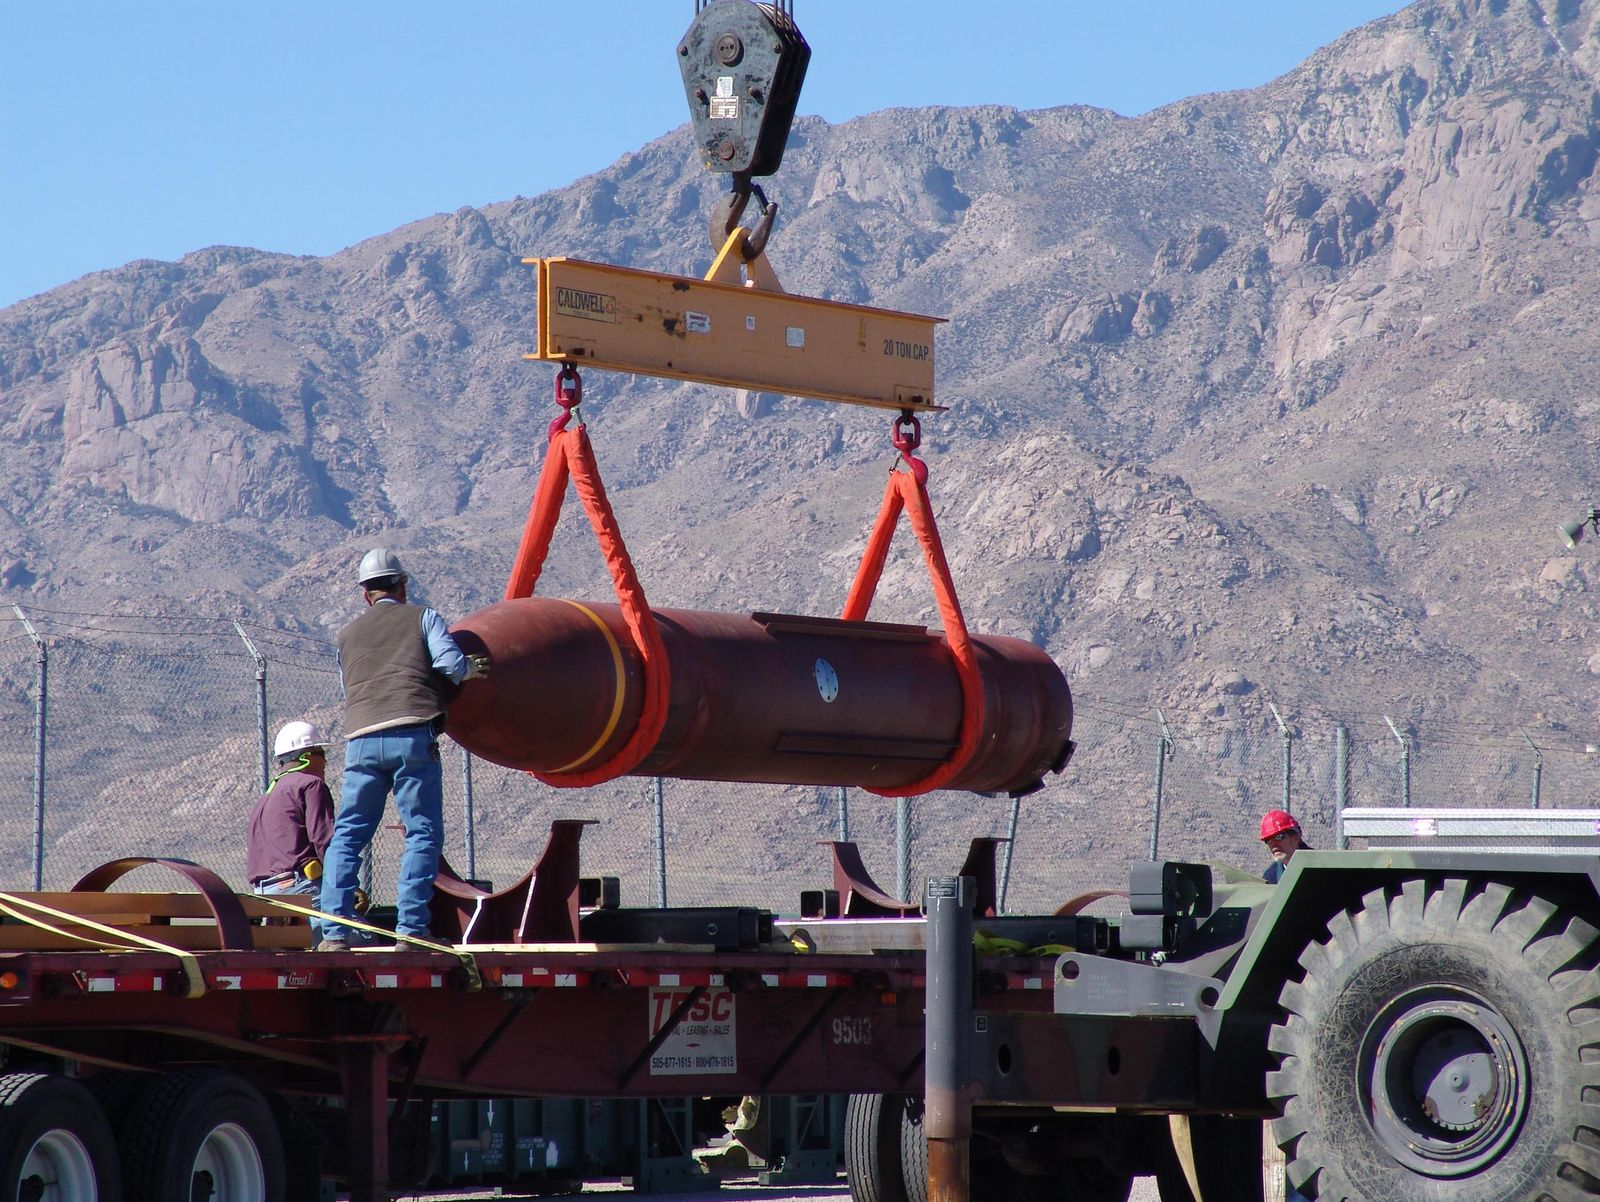 Bombe / New Mexico